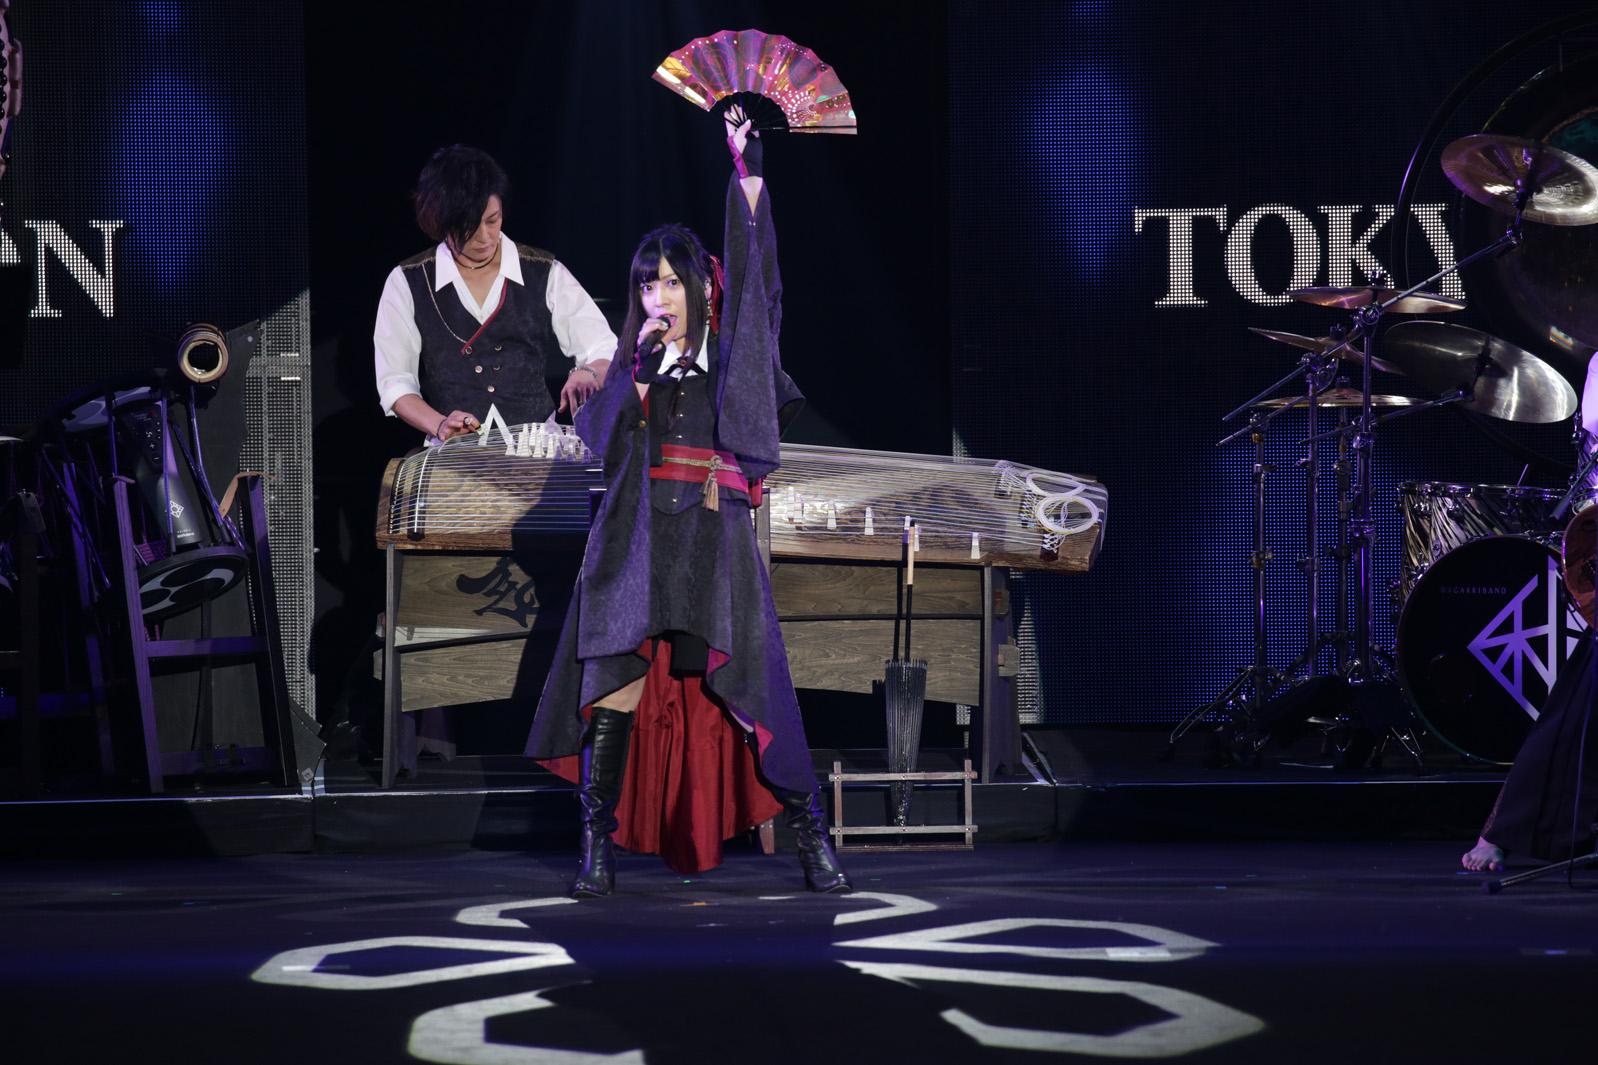 世界が注目!和楽器バンドの「TGC」パフォーマンス!着物姿のラランドとコラボ